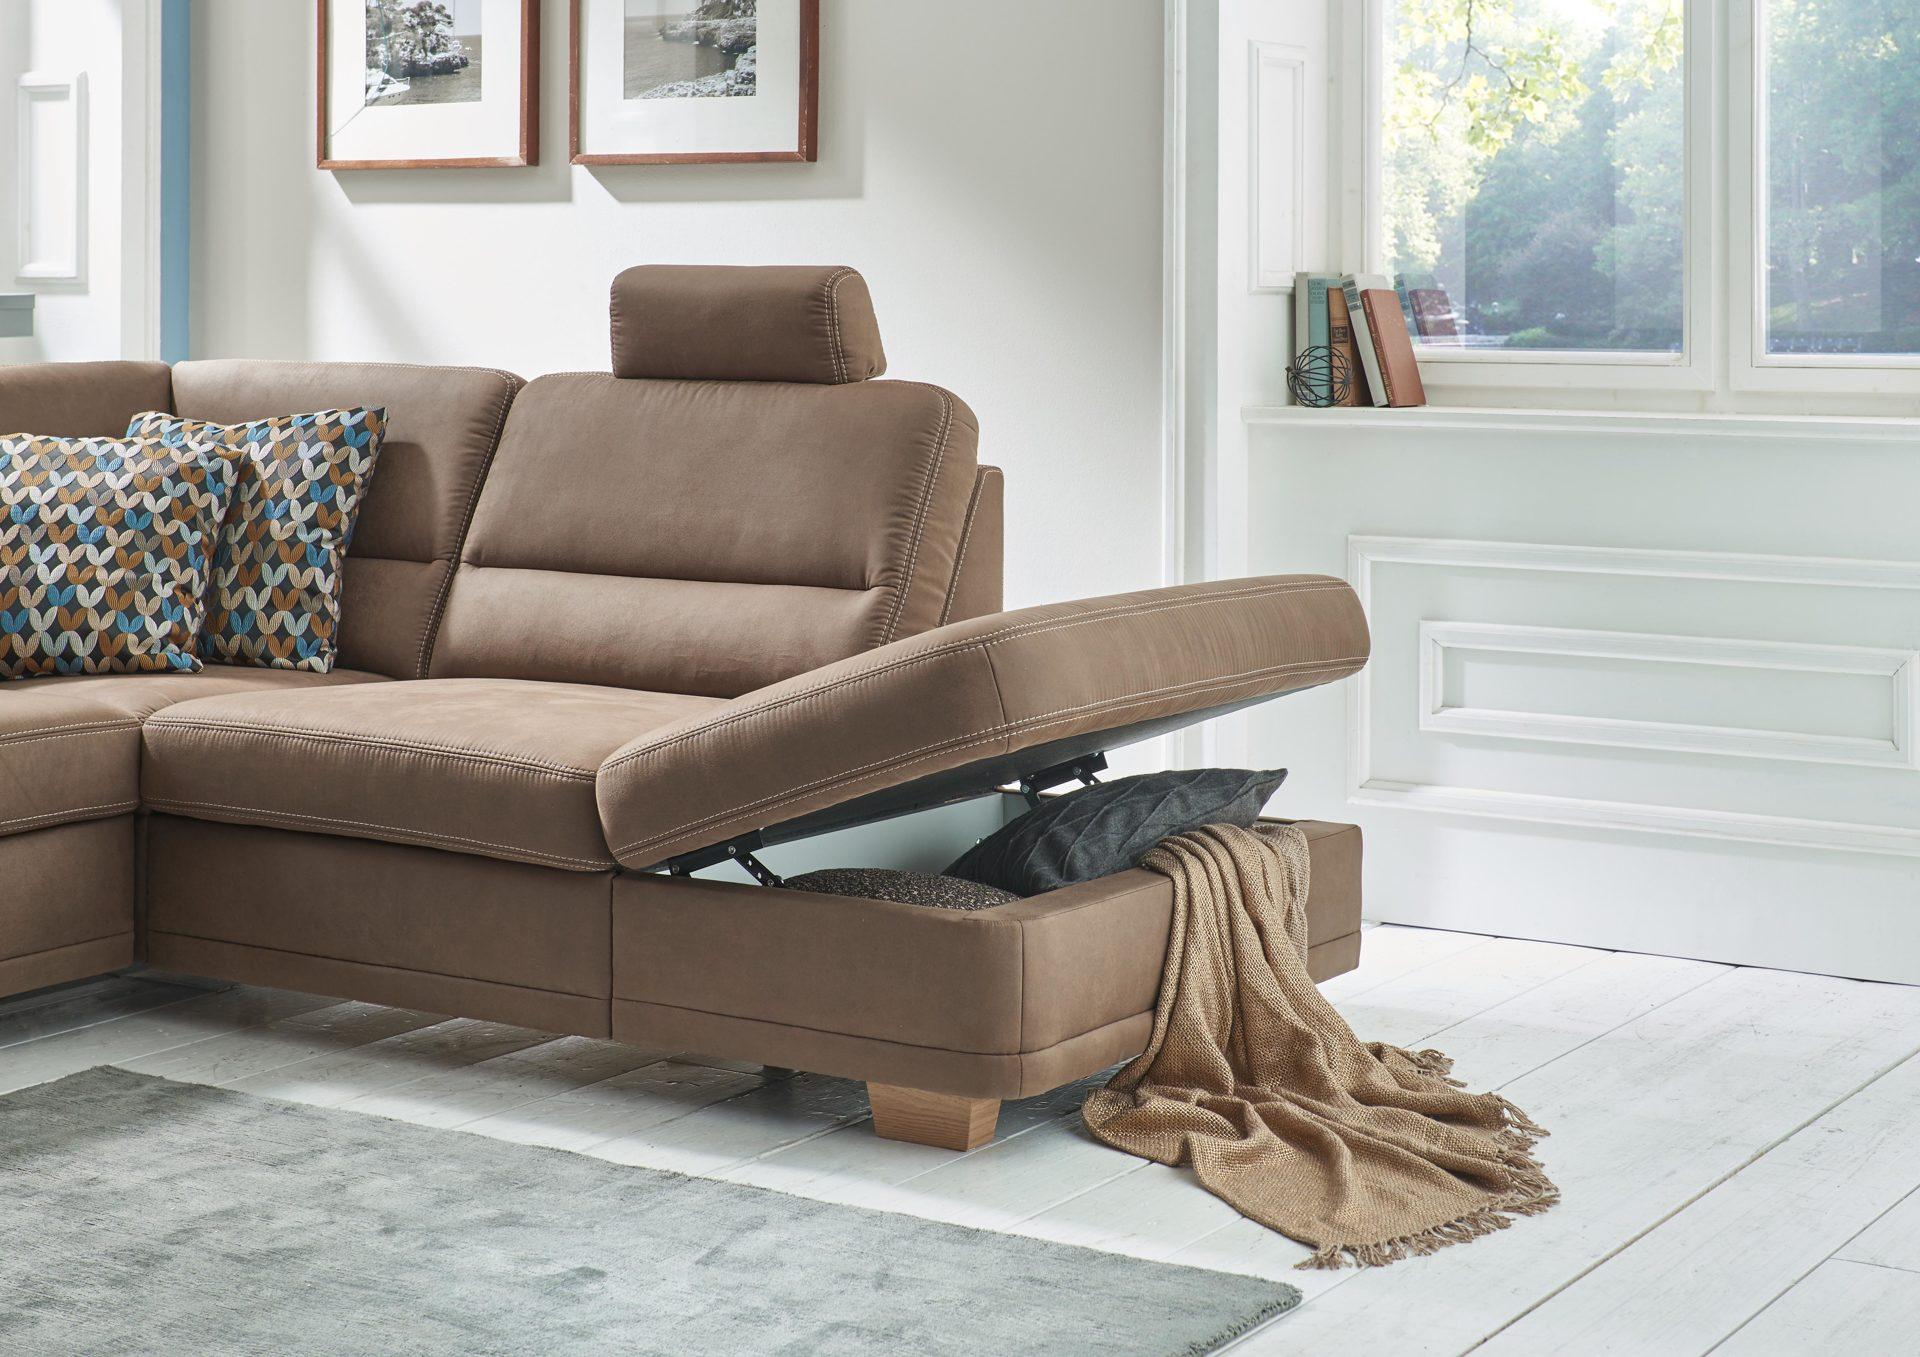 Sofa Bezug stretch husse sofa u form excellent feinste ecksofa niclas mit